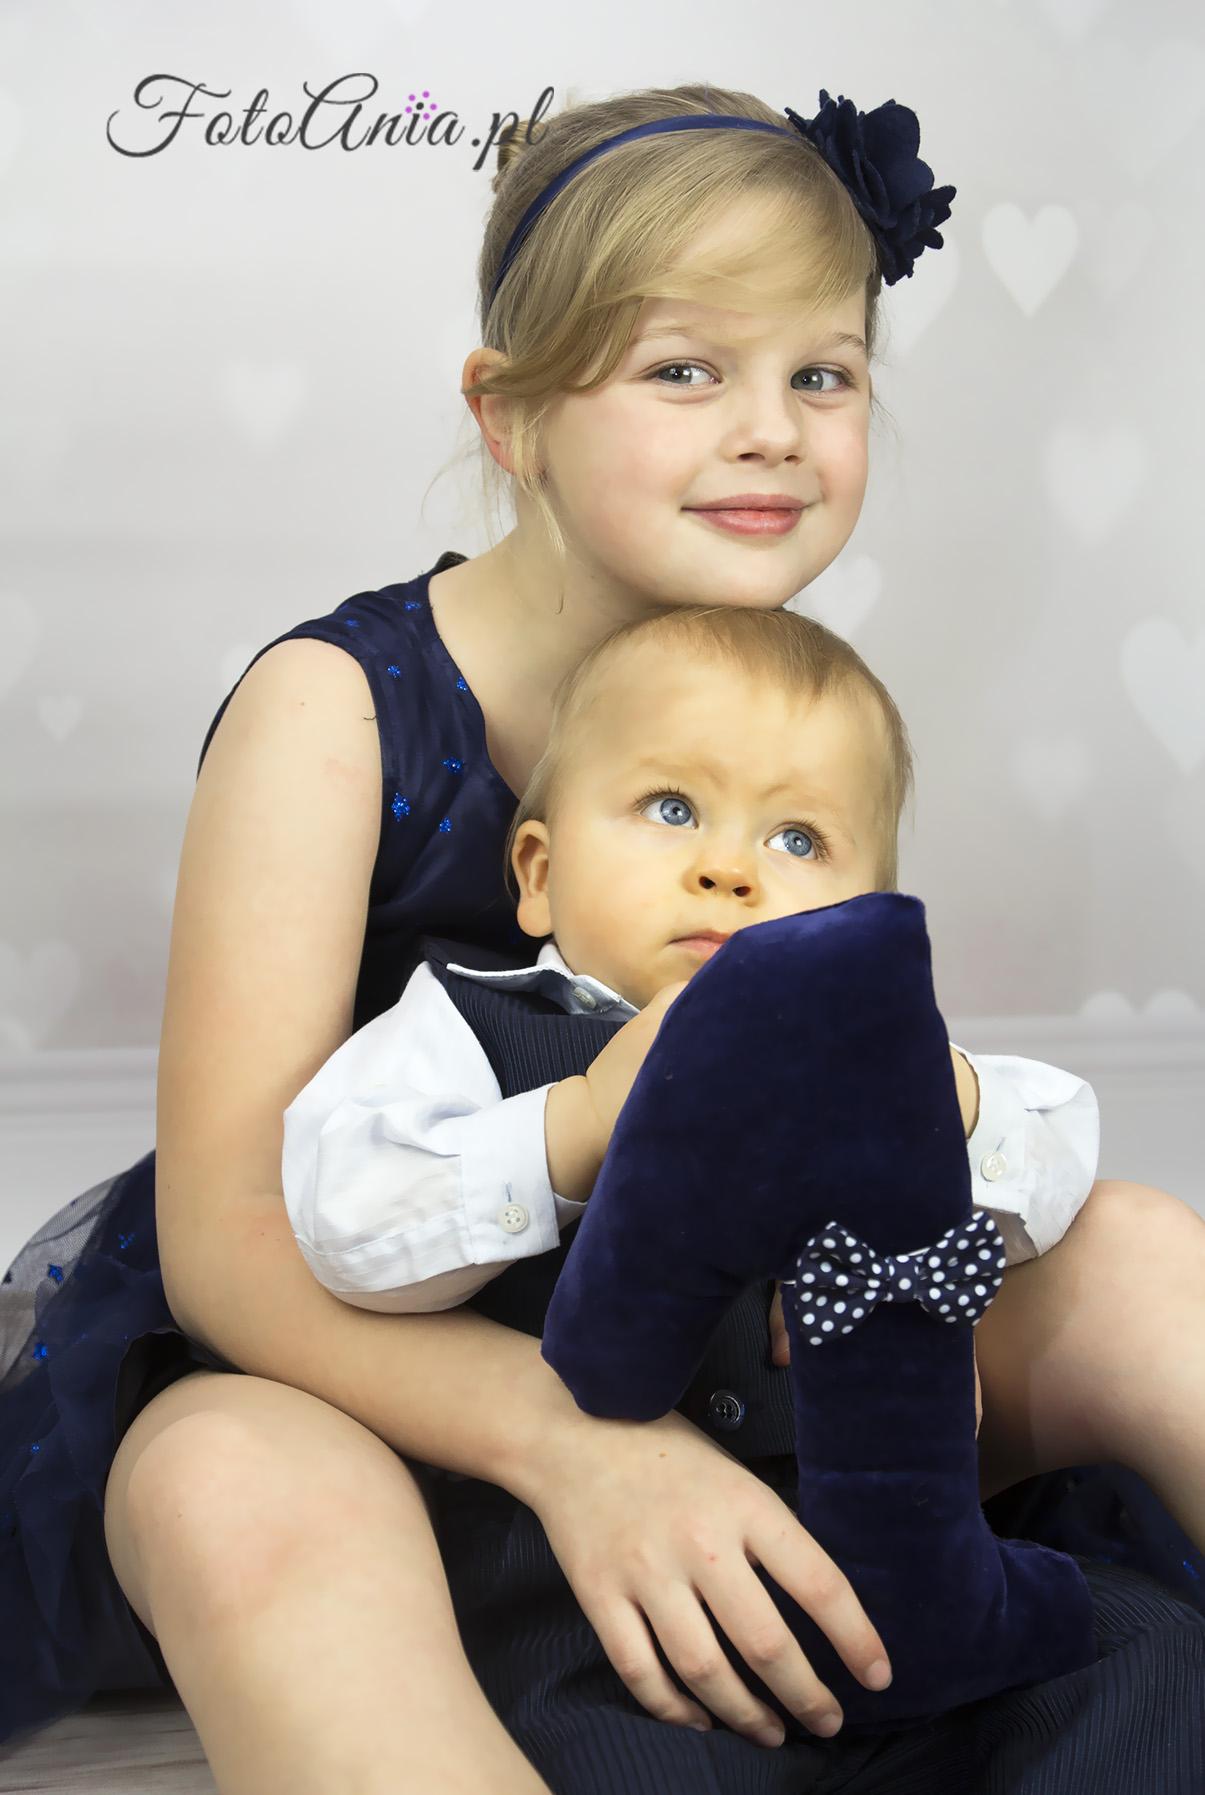 zdjecia-dzieci-6